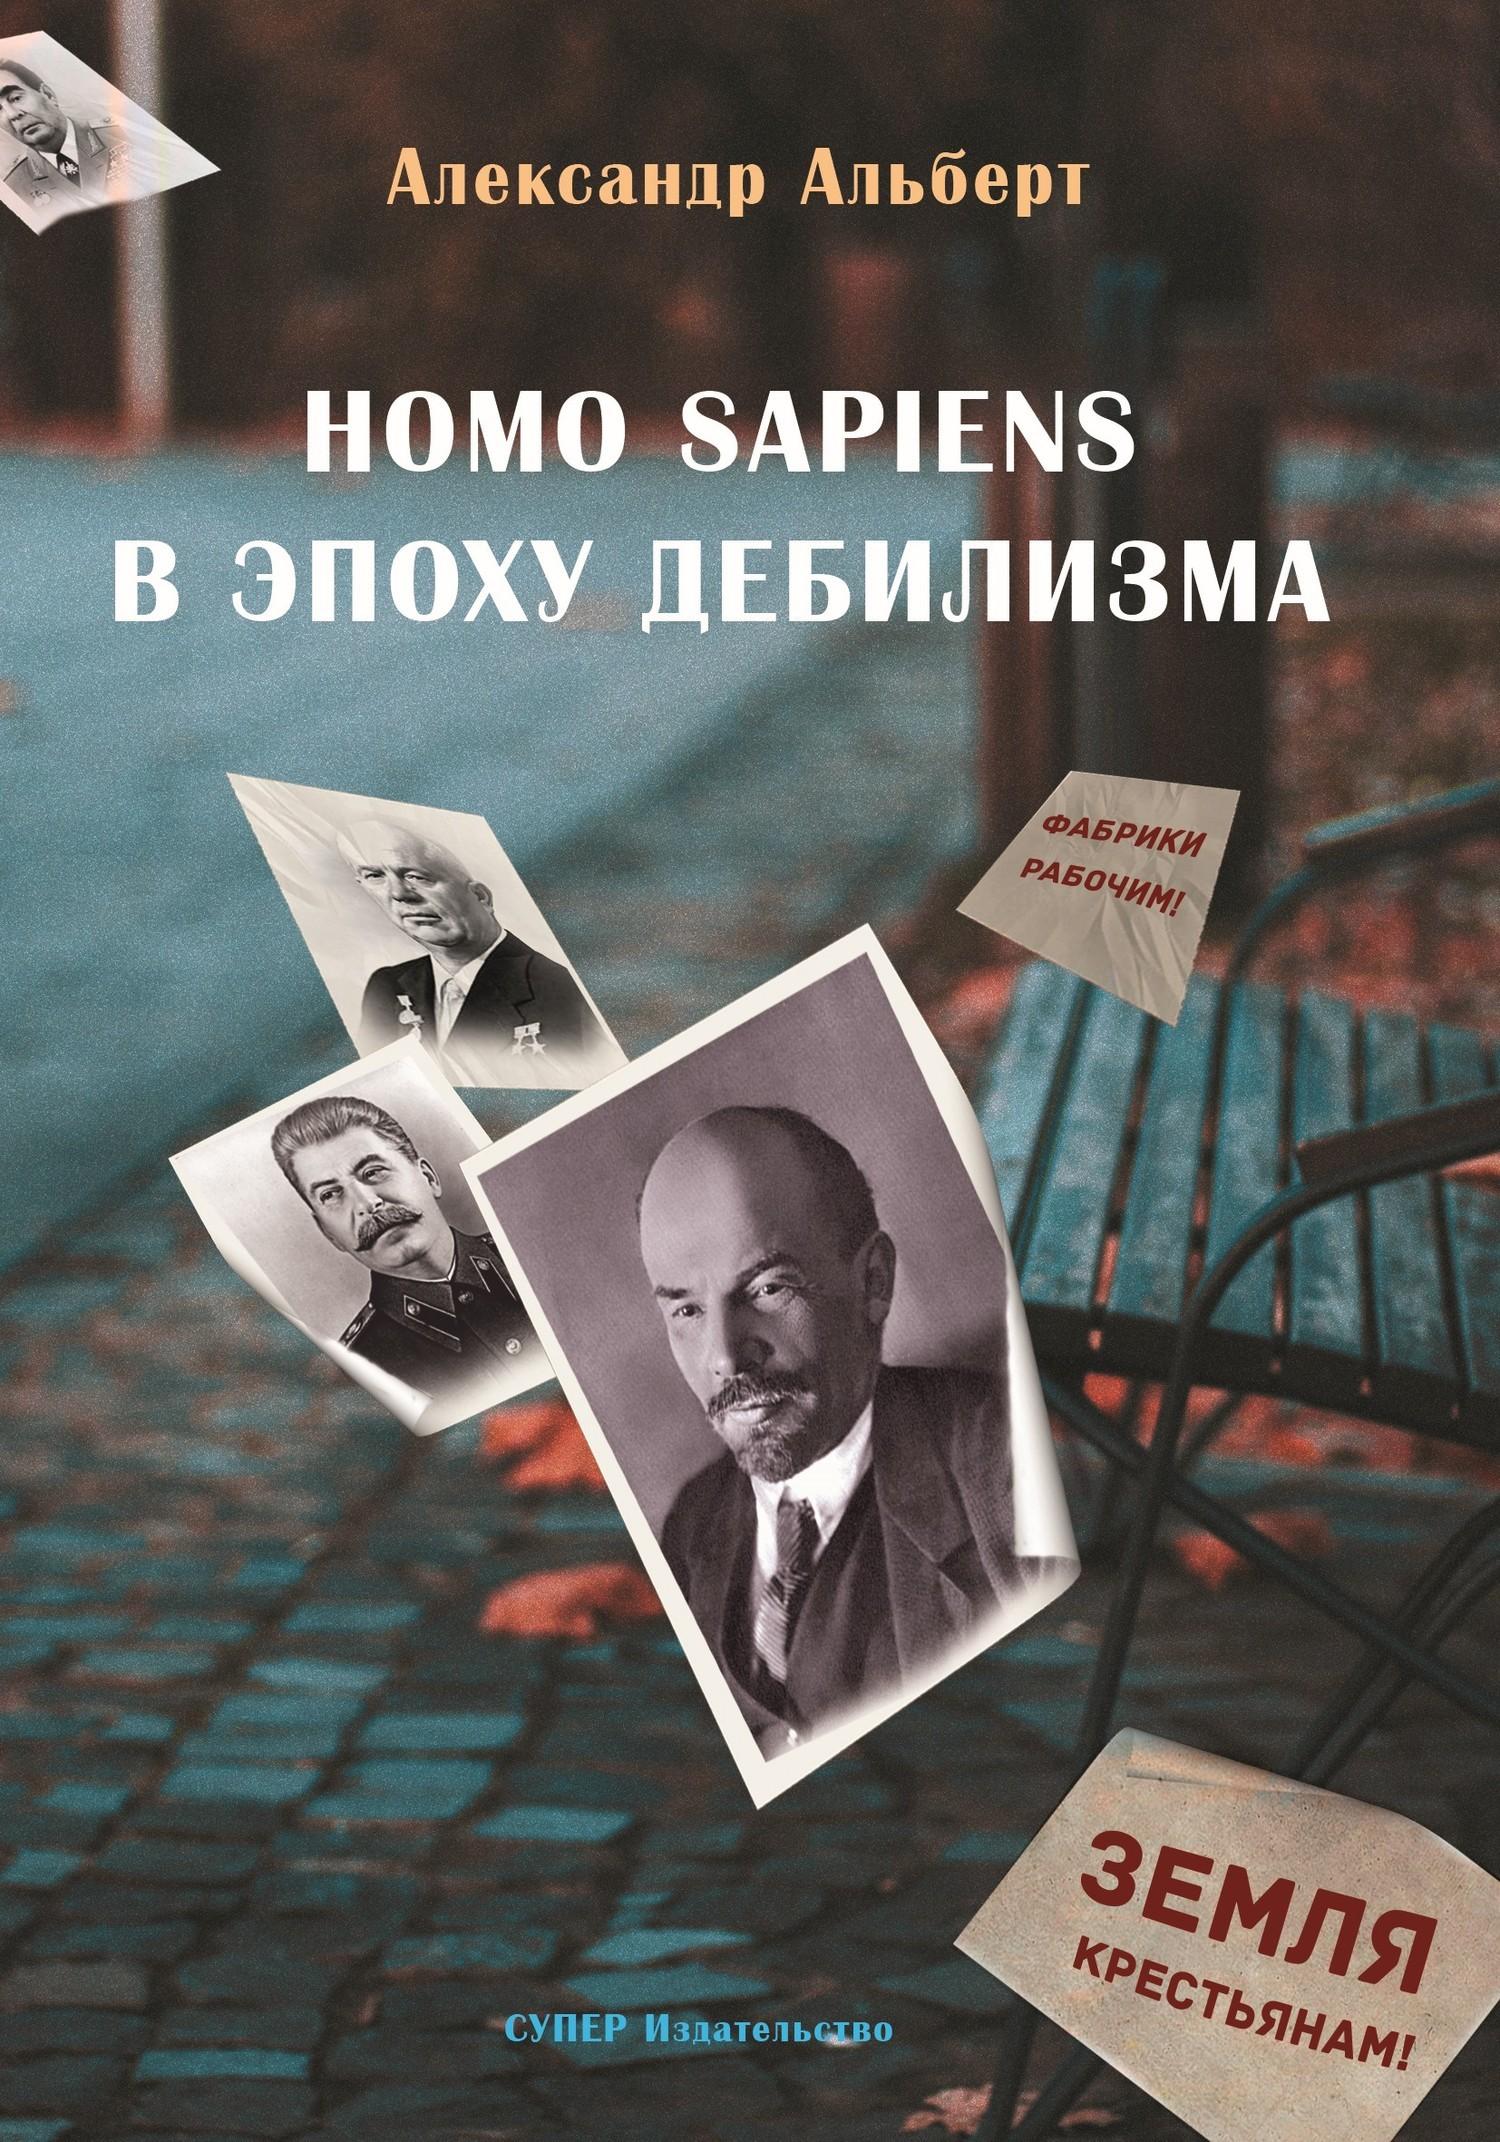 Александр Альберт. Homo sapiens в эпоху дебилизма